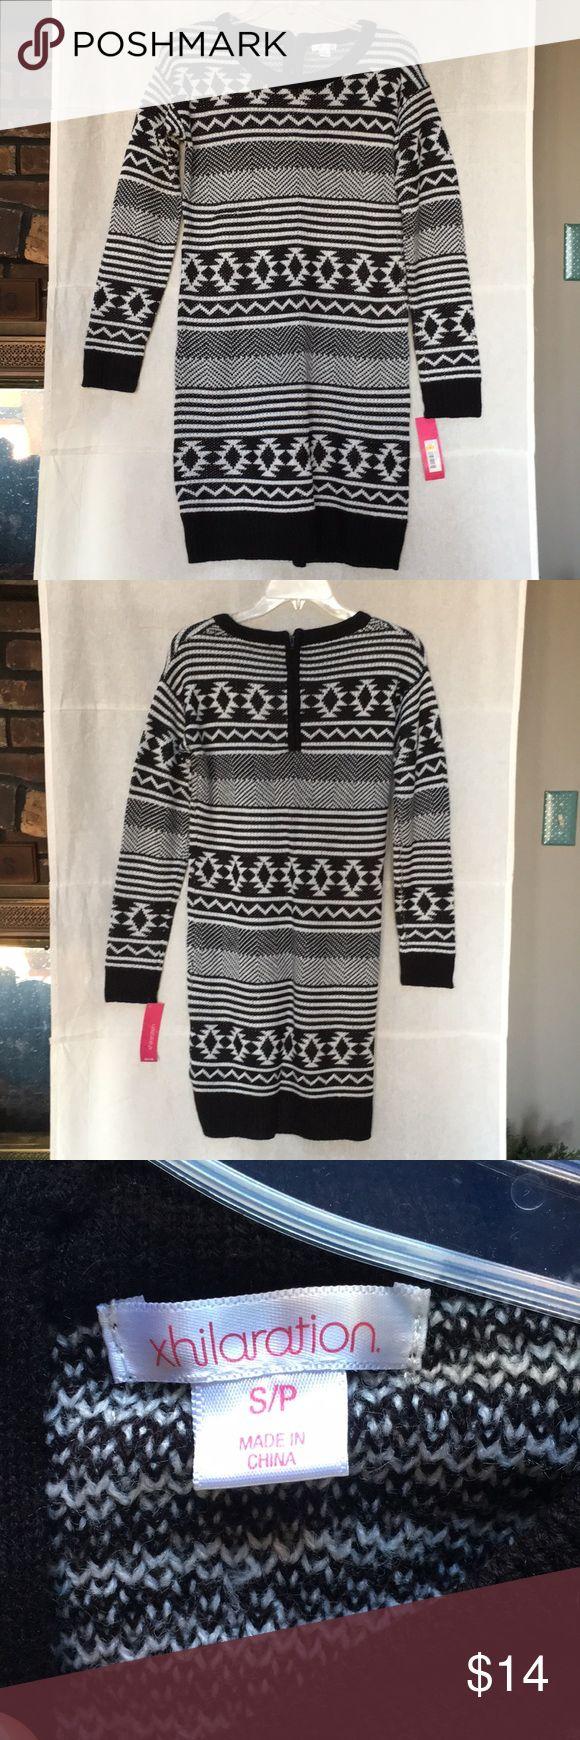 NWT Xhiliration black & white tribal sweater dress NWT xhiliration black and white tribal design sweater dress. Zips at back of neck. Xhilaration Dresses